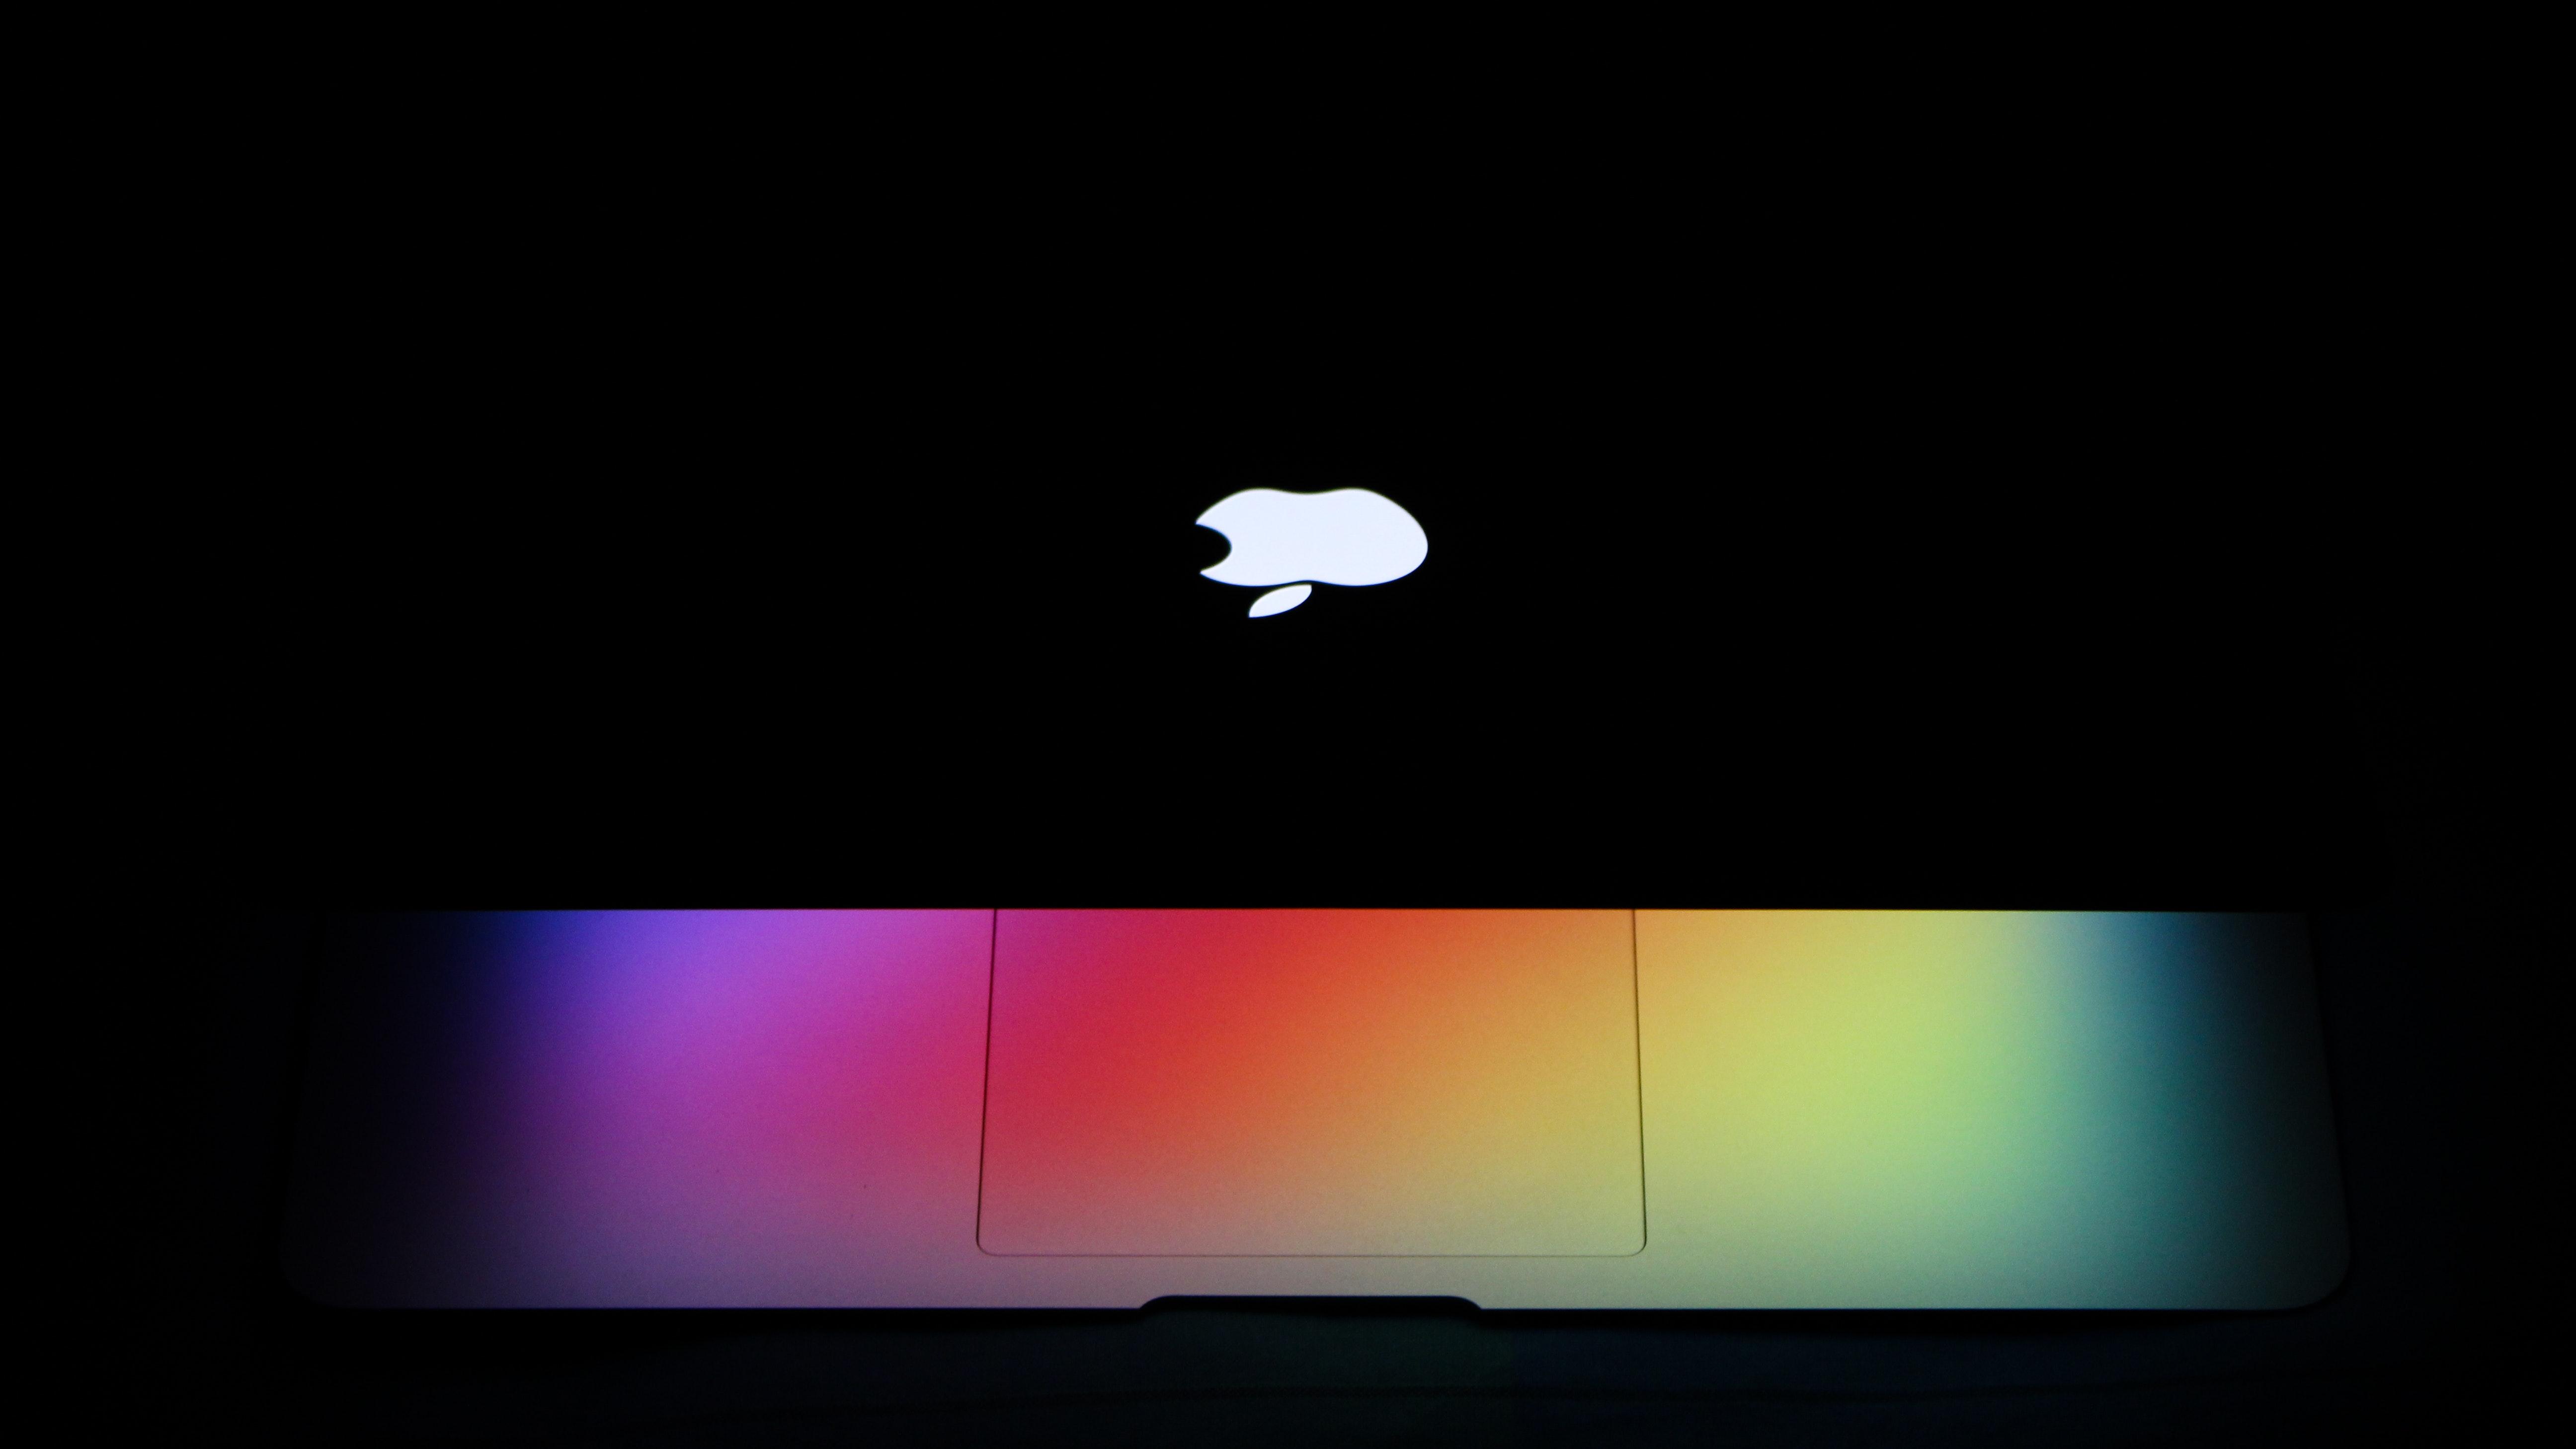 Apple rangerer kunder etter hvordan de bruker deres Apple-enheter